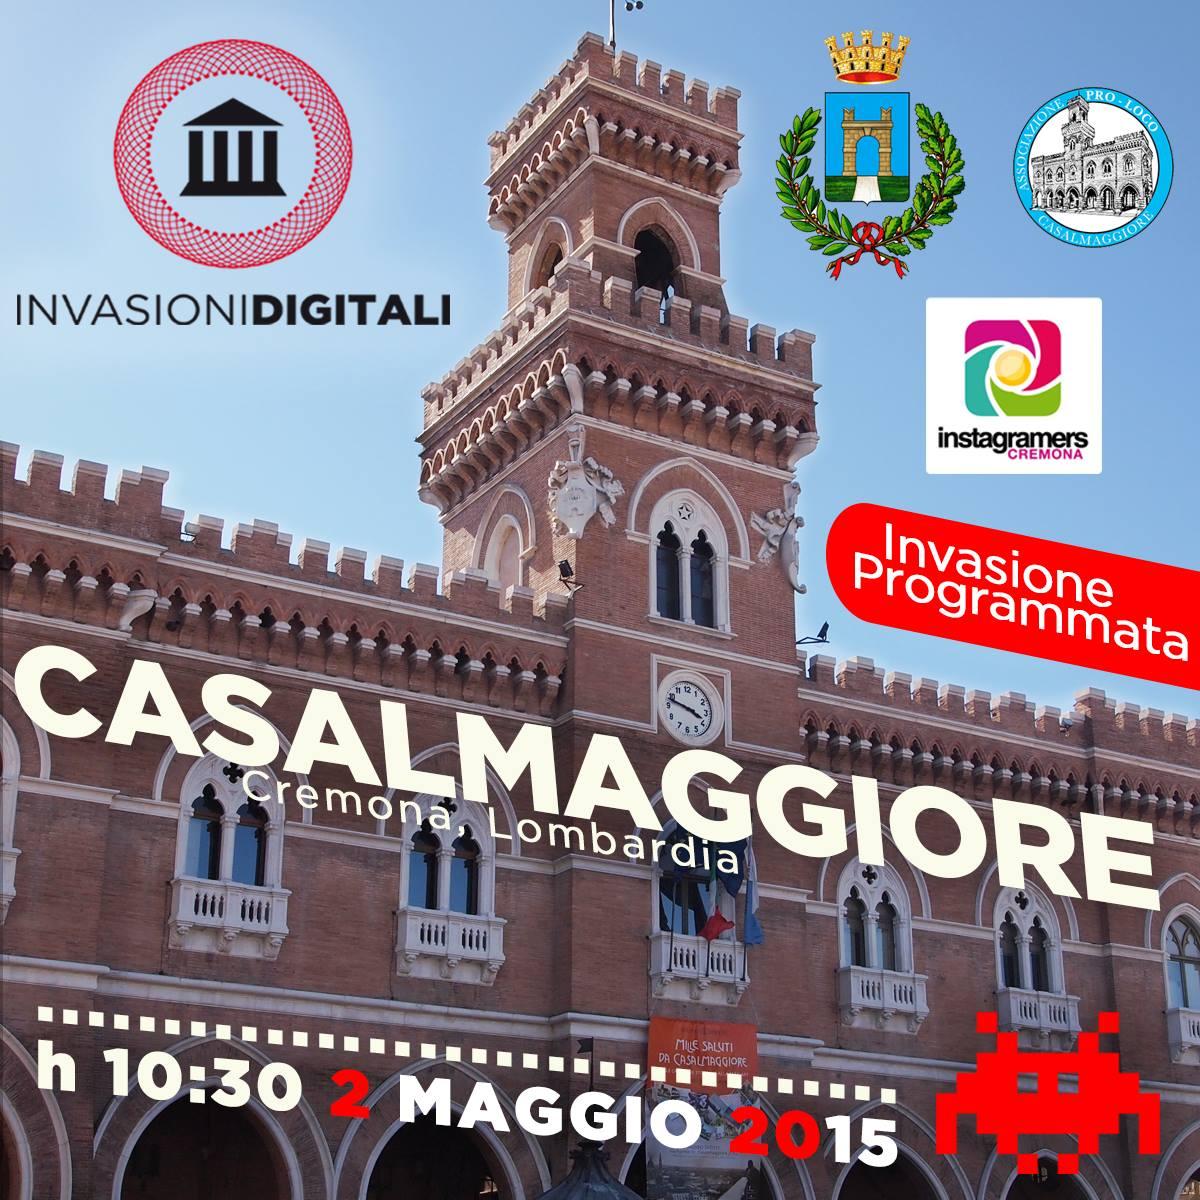 #INVASIONIDIGITALI A CASALMAGGIORE